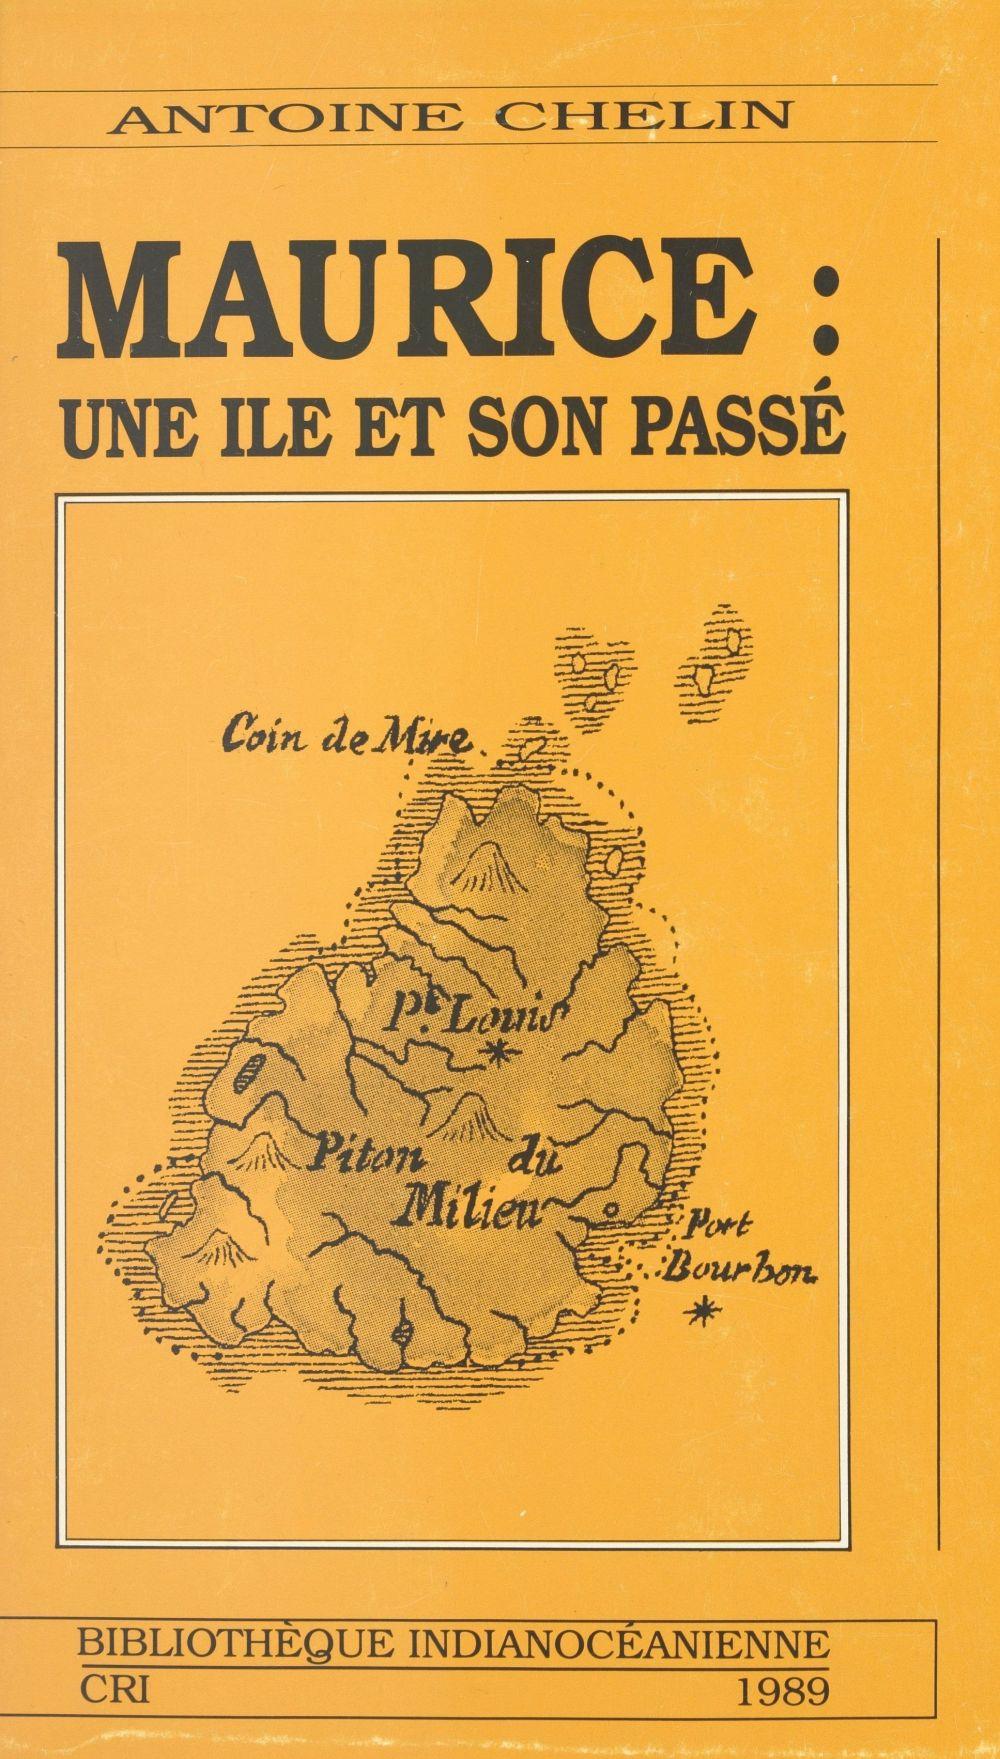 Maurice : une île et son passé